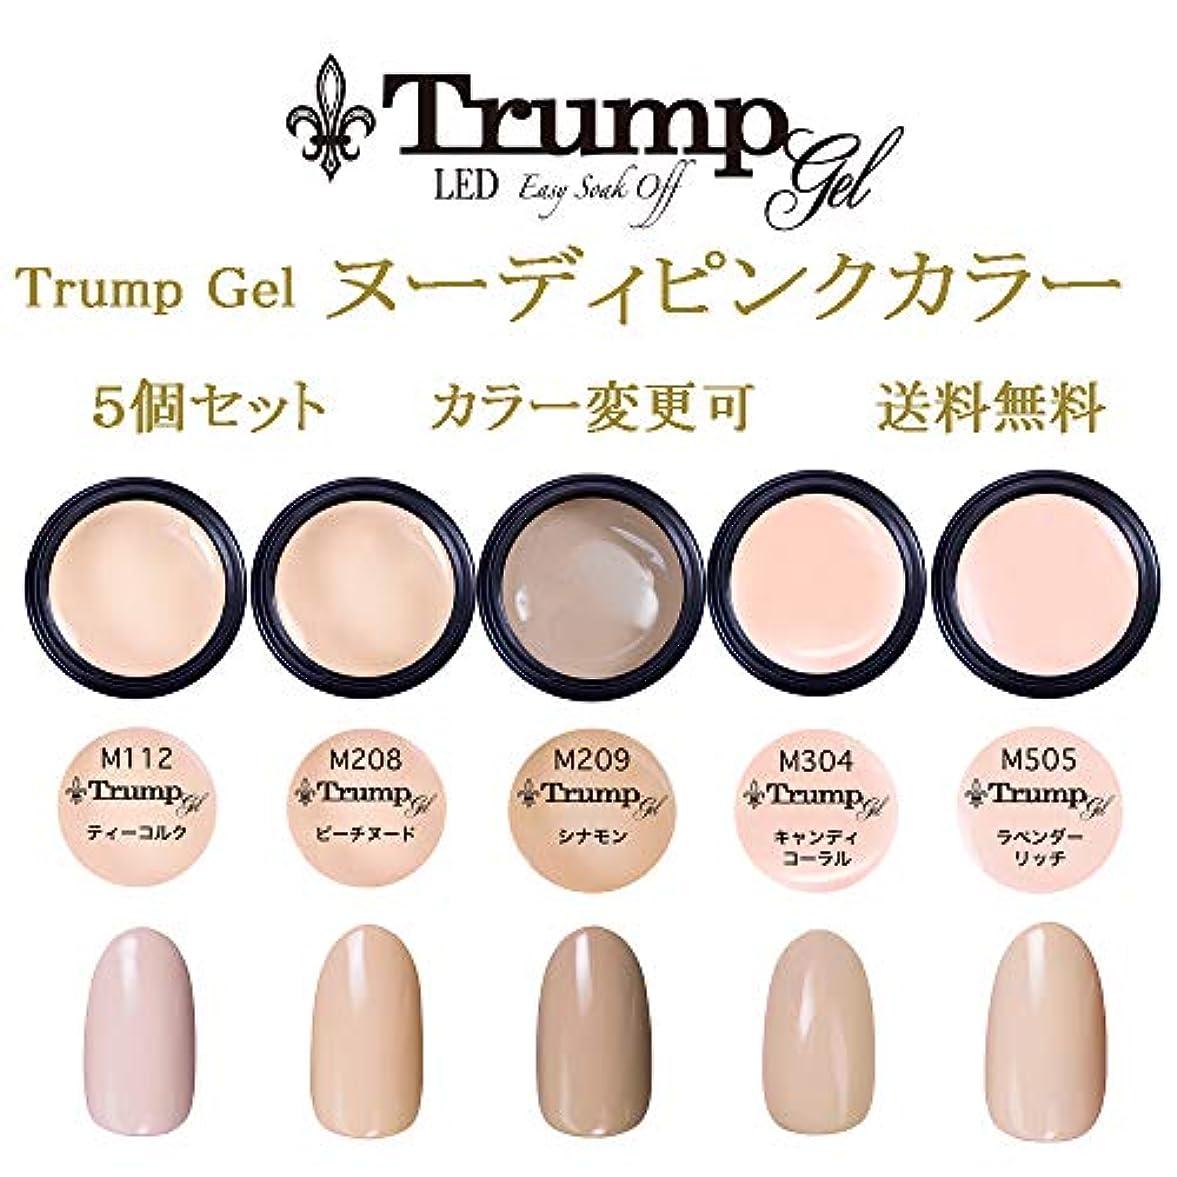 ふりをする過激派爆弾日本製 Trump gel トランプジェル ヌーディピンク 選べる カラージェル 5個セット ピンク ベージュ ヌーディカラー